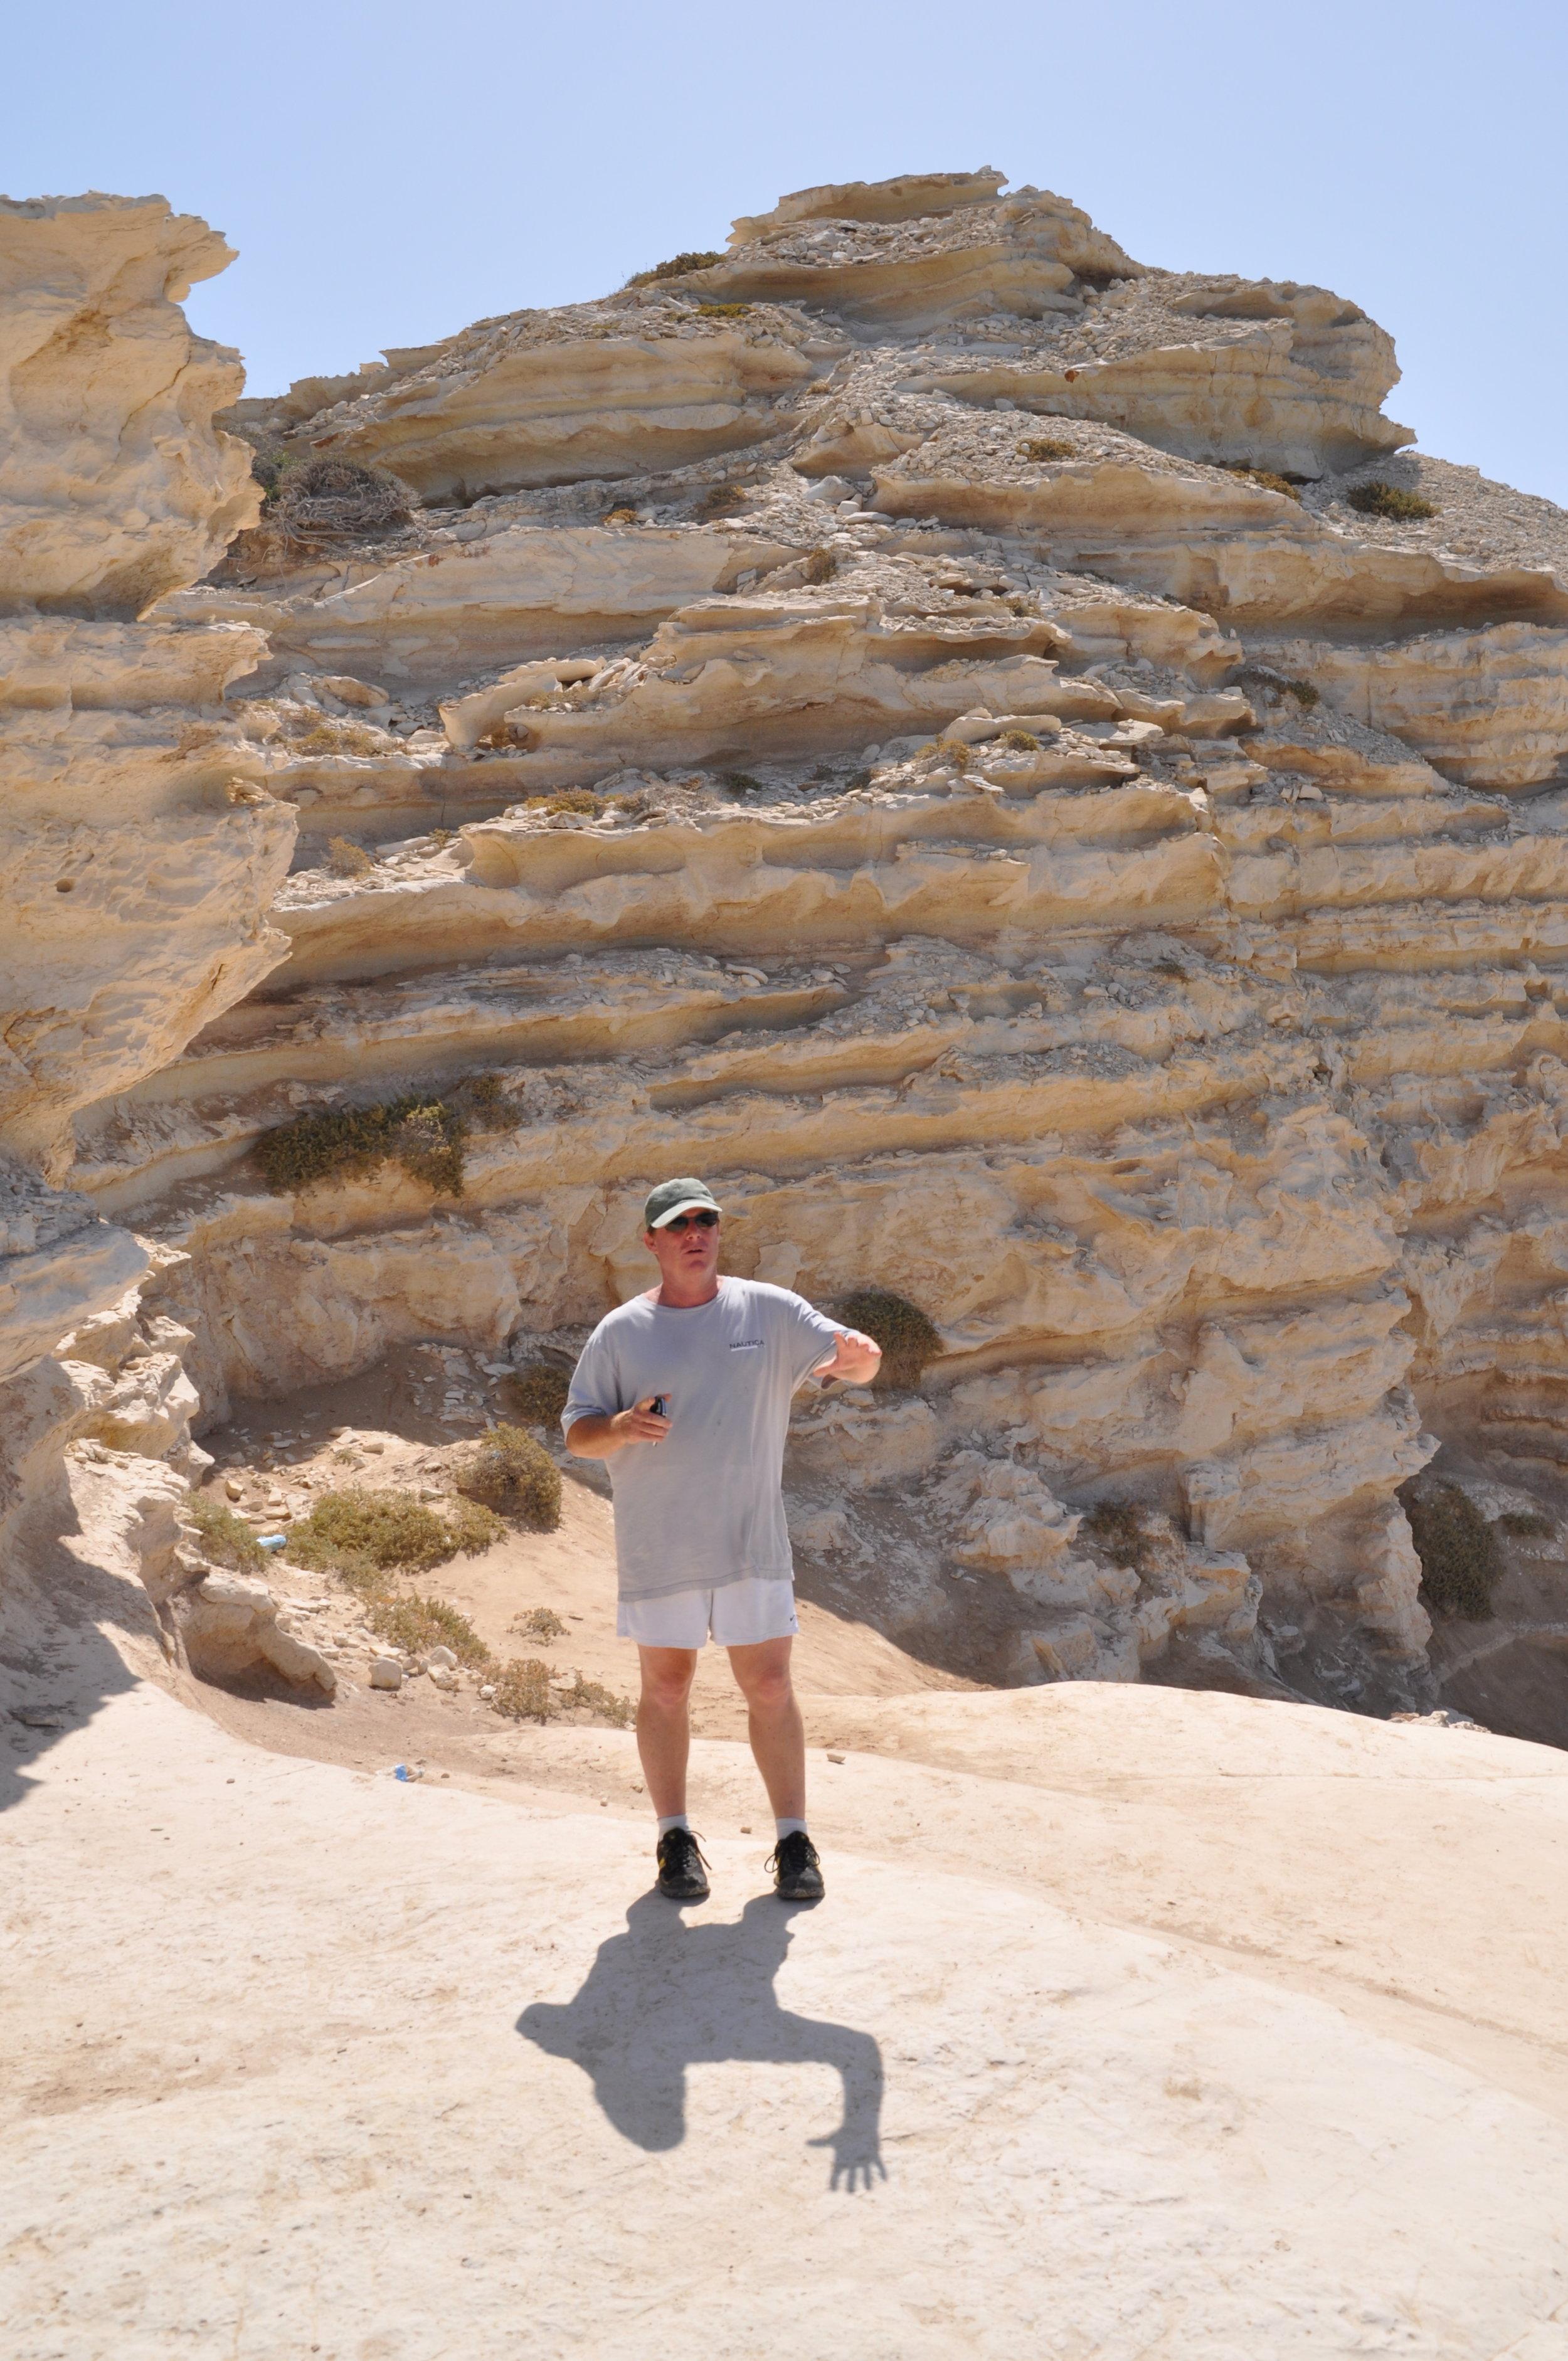 David exploring the Cypriot landscape. Photo: Meg Pier